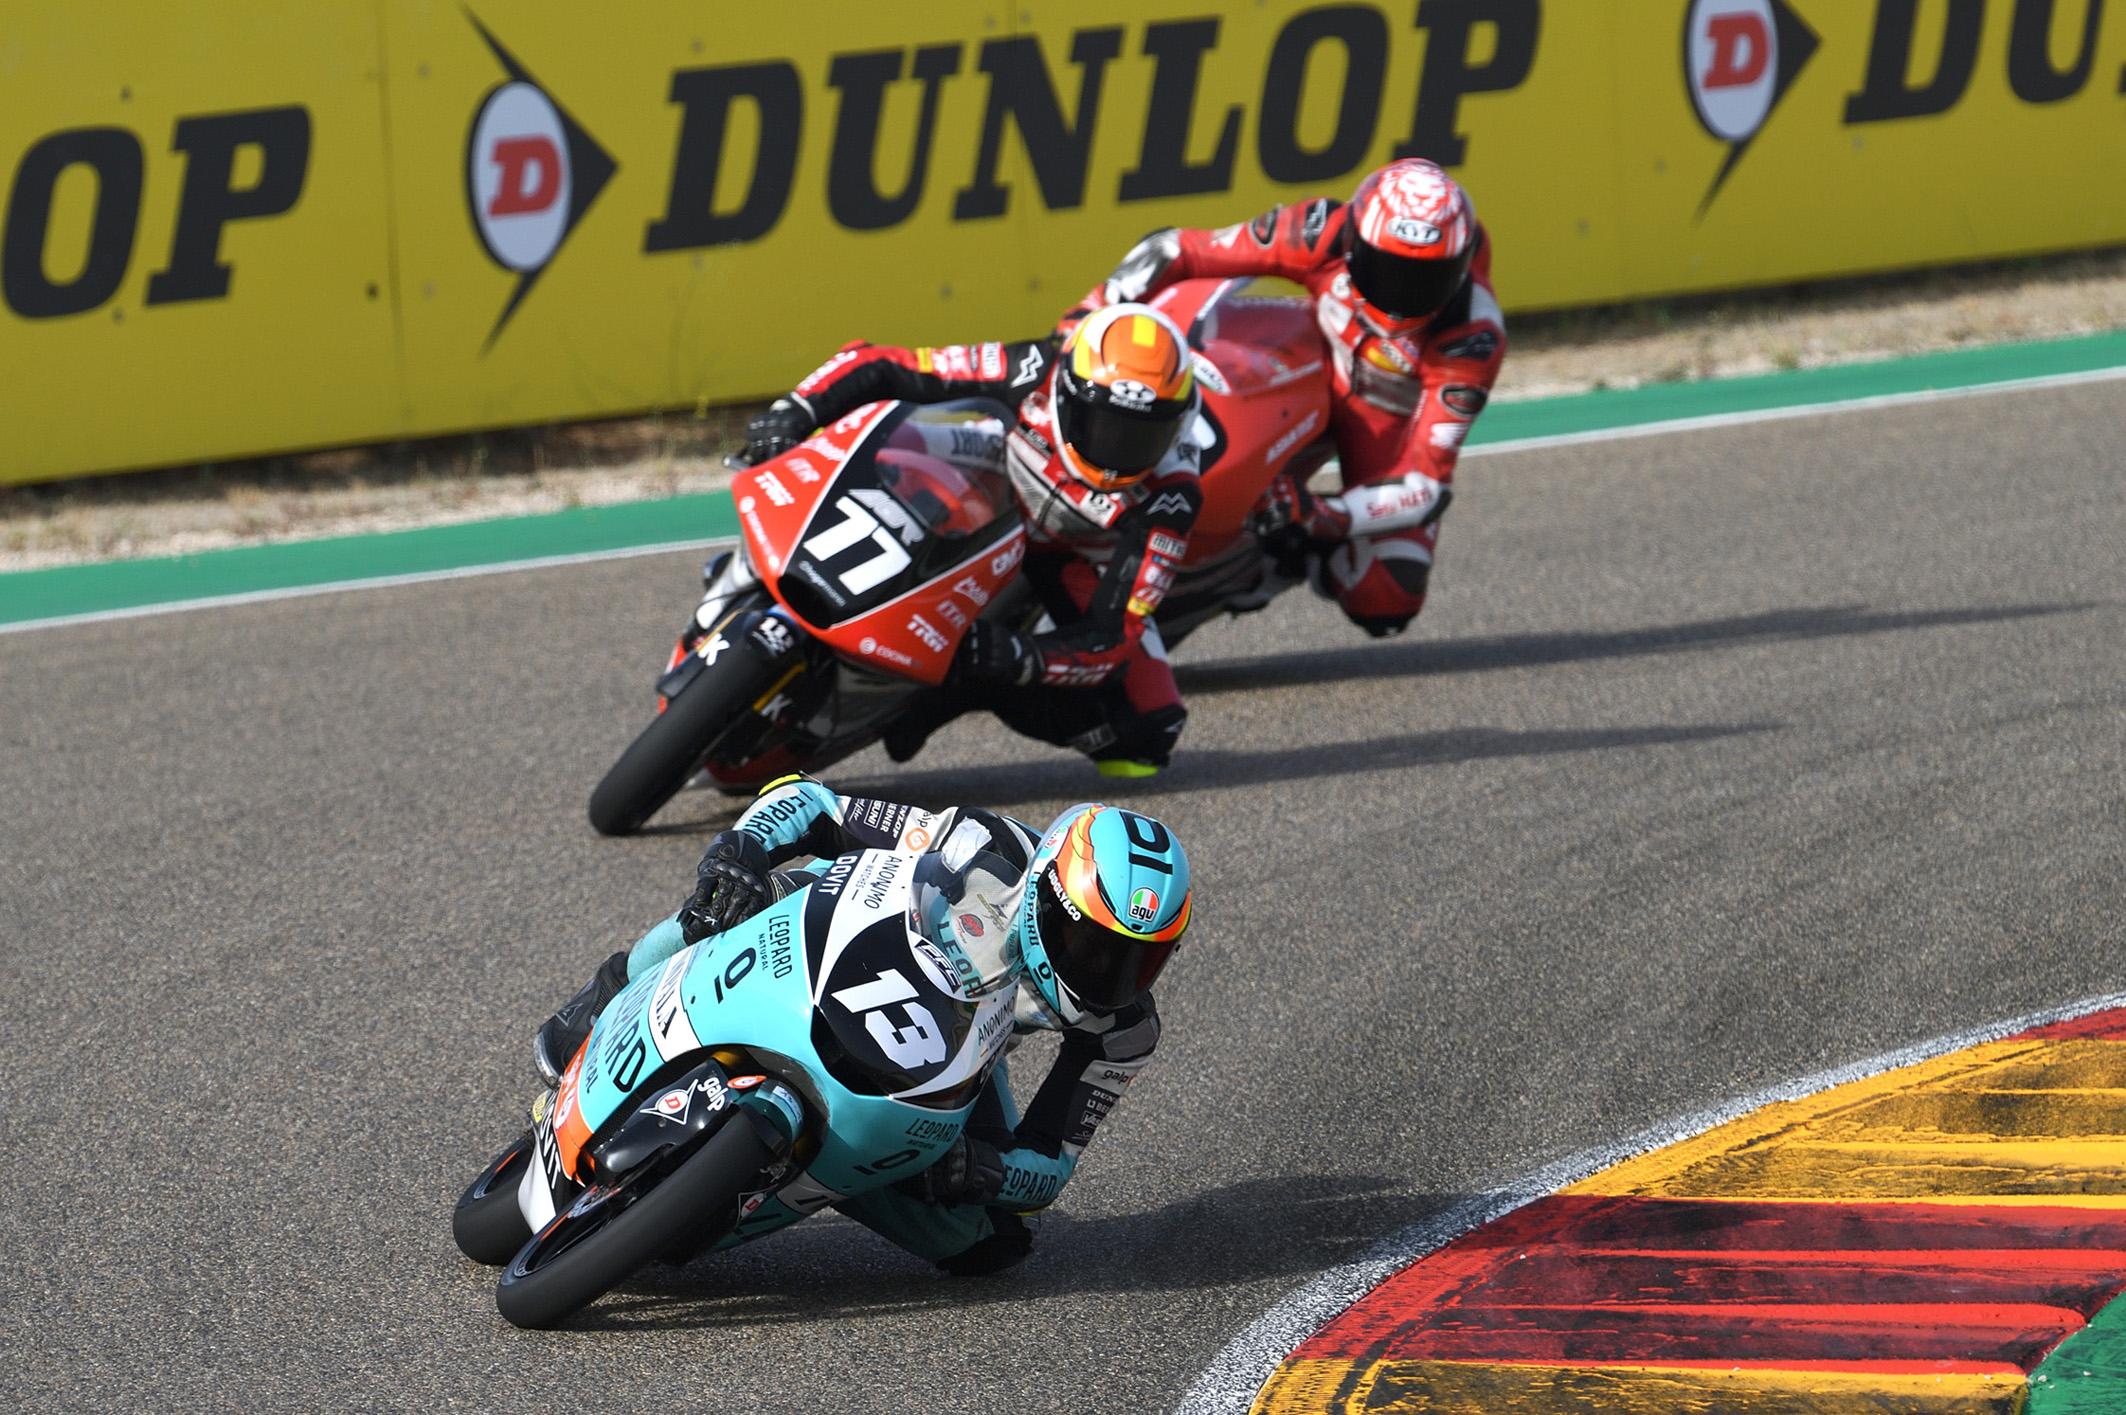 FIM CEV Repsol, Moto3, Marco Tapia, Motorland